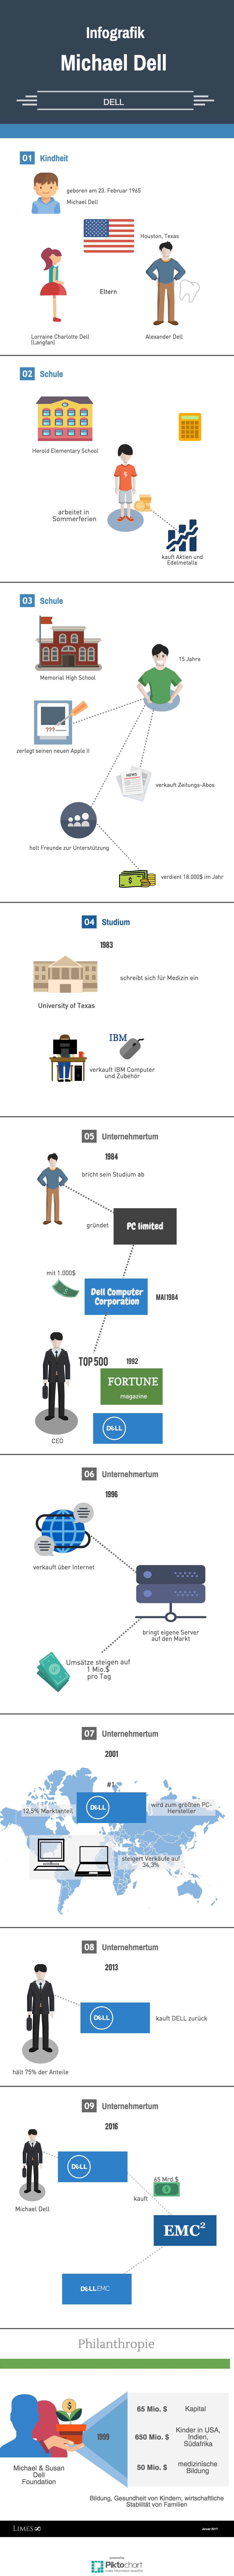 Informationsgrafik des Milliardärs Michael Dell